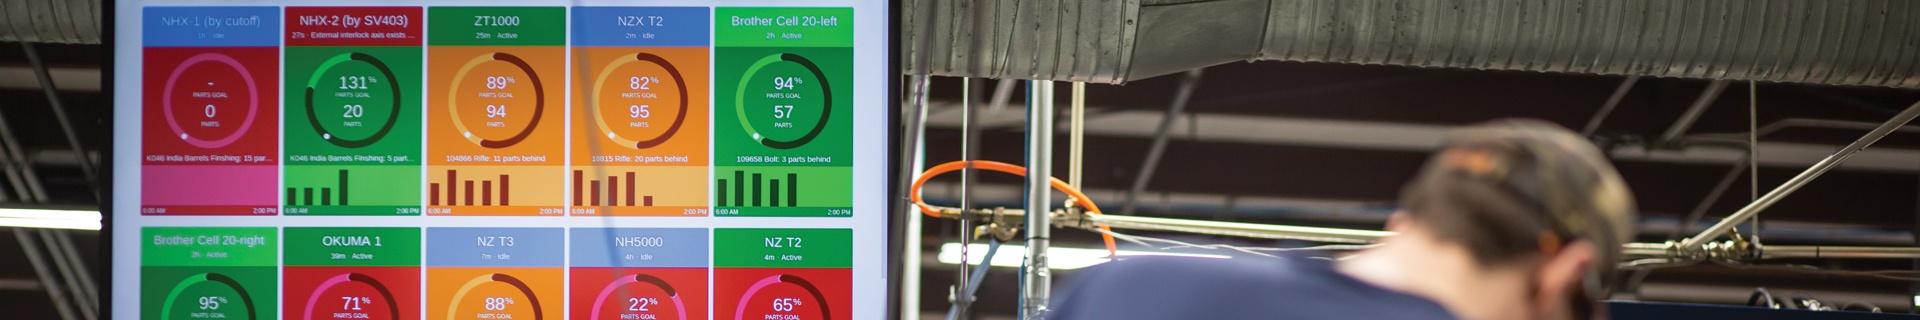 Metal Stamping & Fabrication Machine Monitoring   MachineMetrics